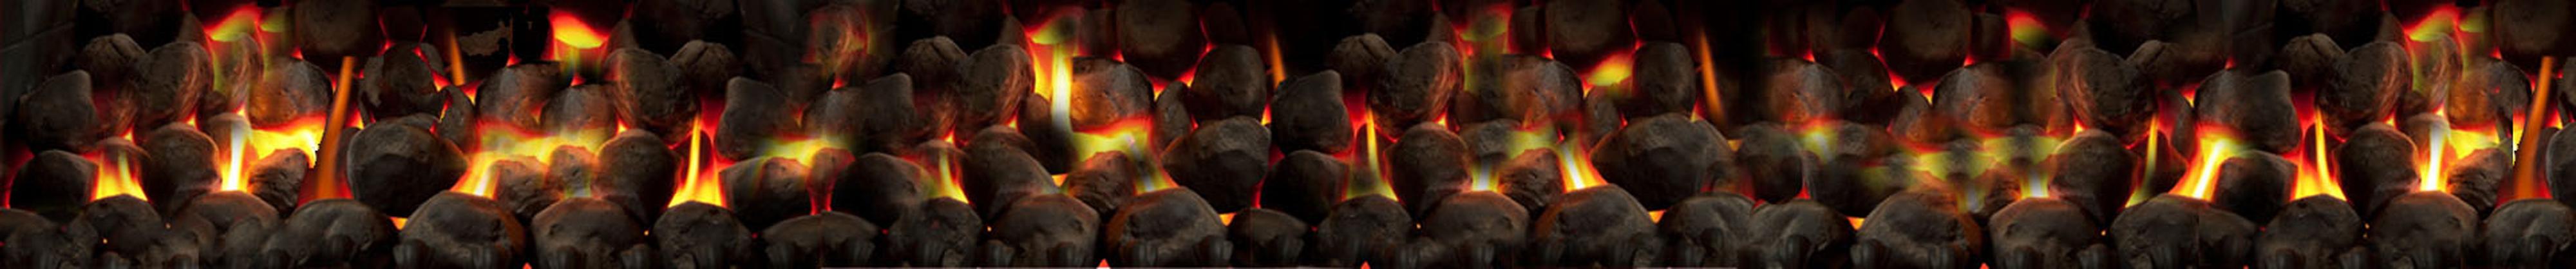 Допустимые и рекомендуемые газогорелочные устройства ТМФ для газовых банных печей ТМФ